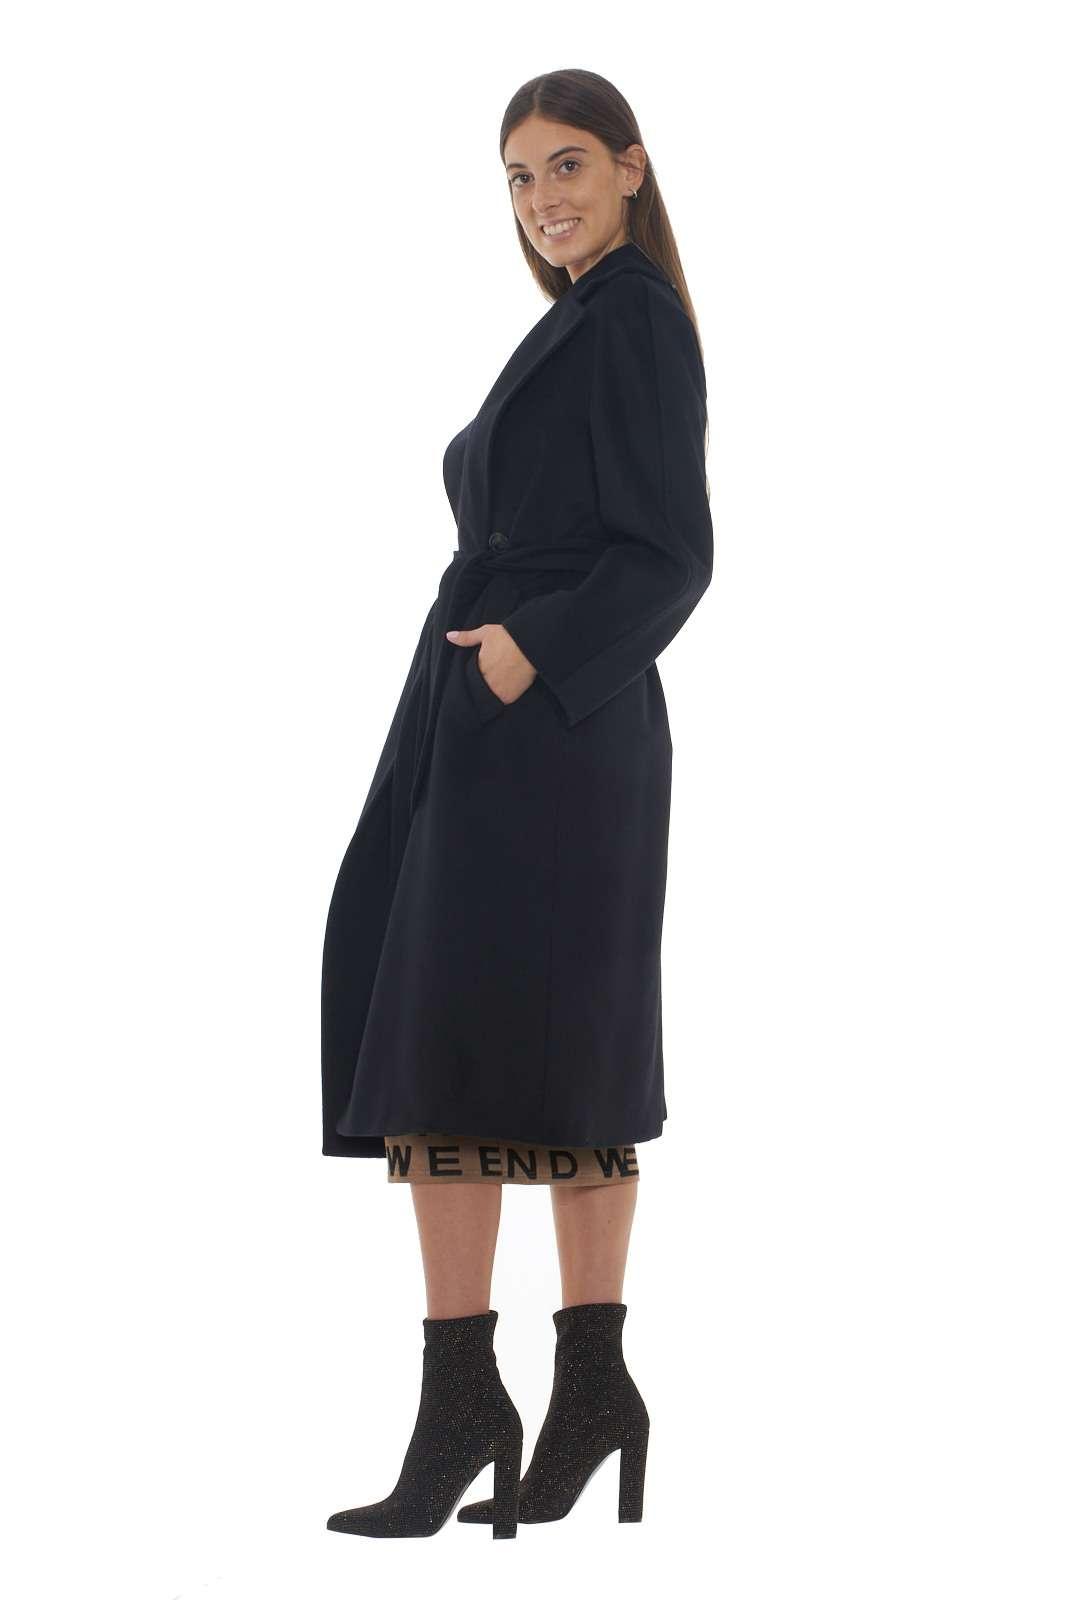 https://www.parmax.com/media/catalog/product/a/i/AI-outlet_parmax-cappotto-donna-MaxMara-50161493-B.jpg